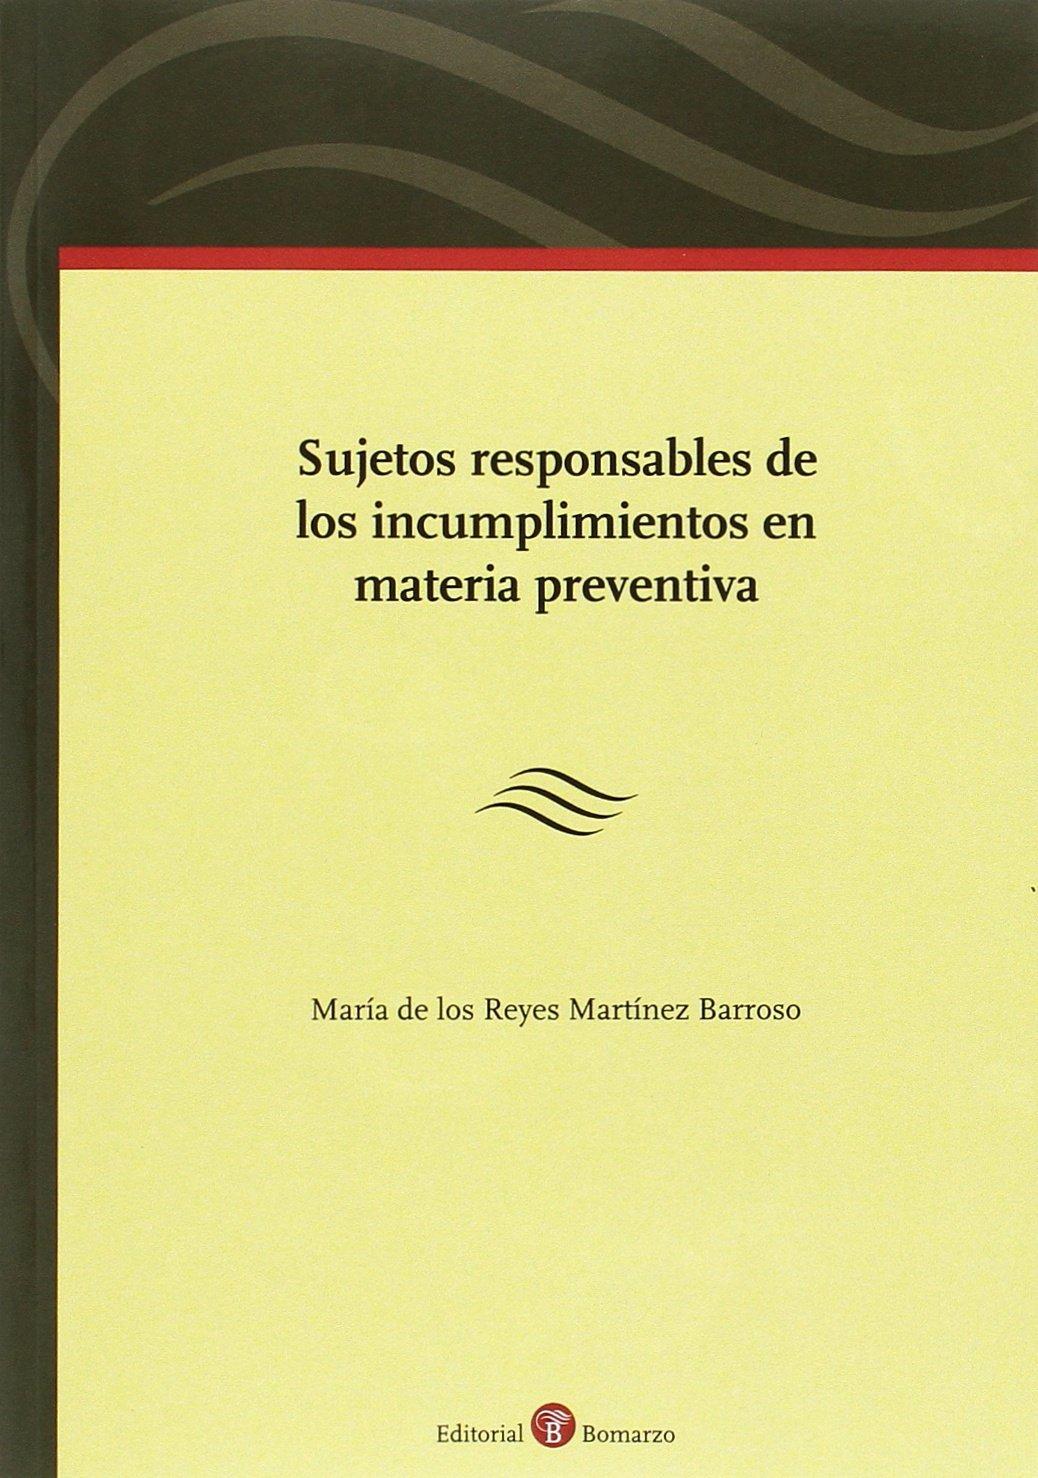 Sujetos responsables de los incumplimientos en materia preventiva: Amazon.es: María de los Reyes Martínez Barroso: Libros